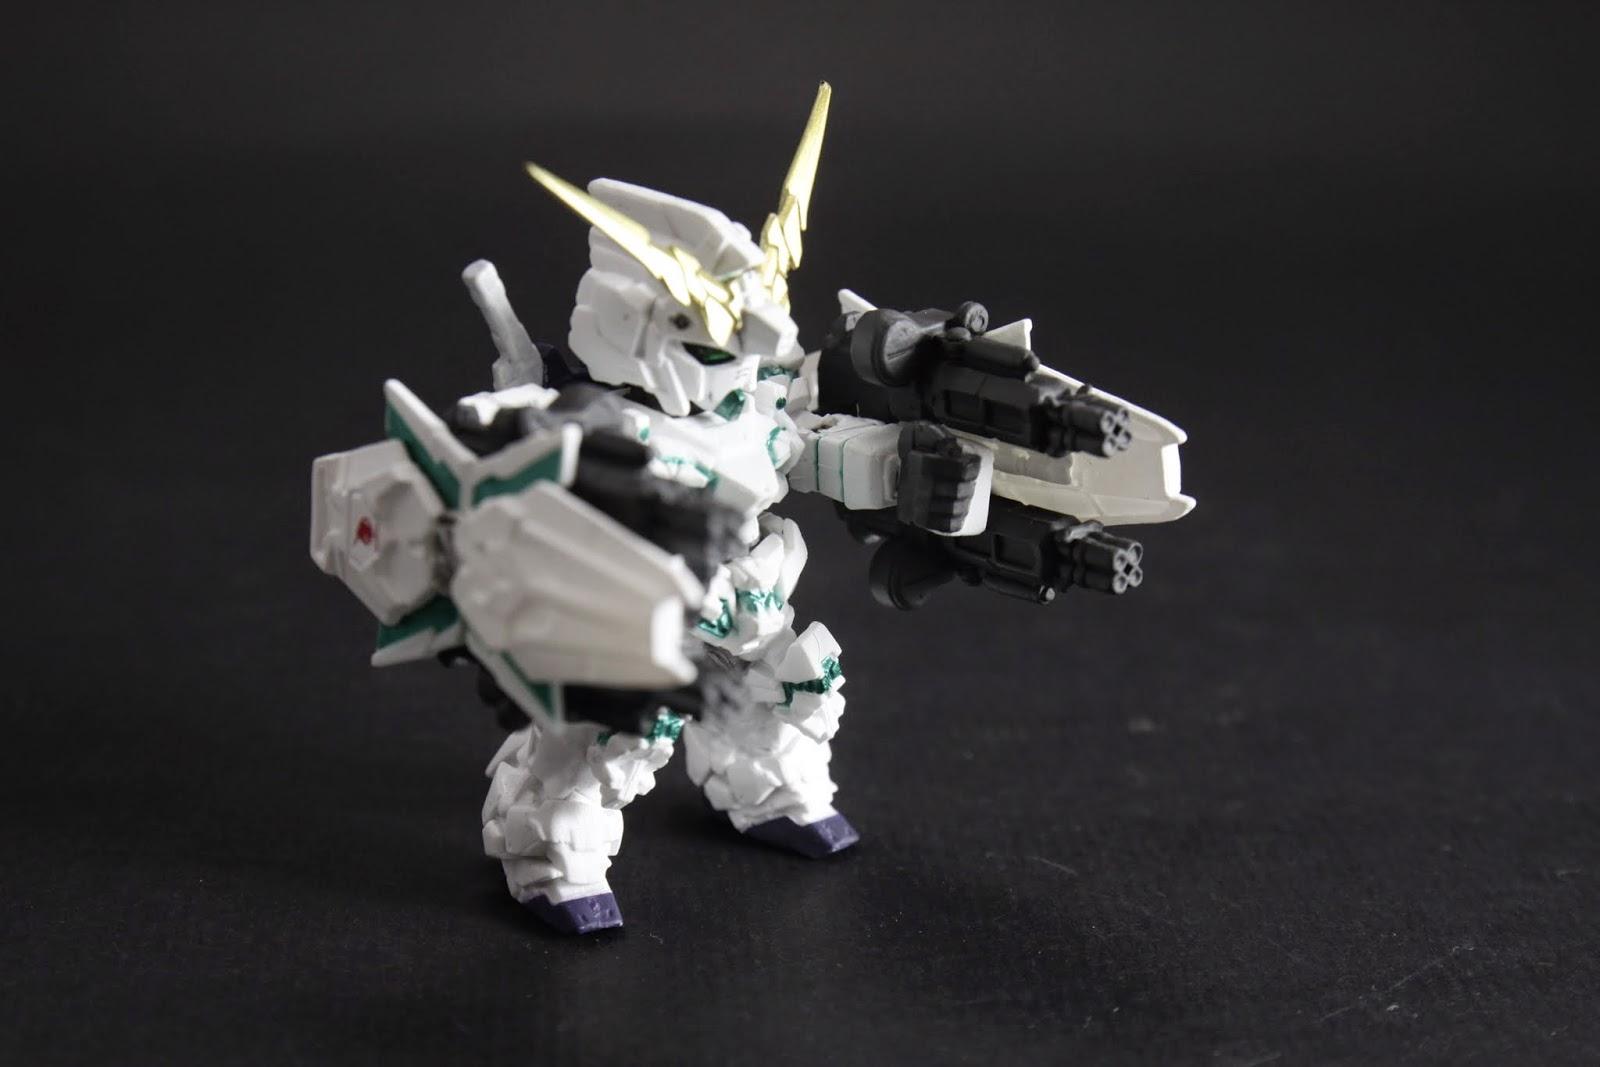 ビーム・ガトリングガン 一個盾上裝兩把,由此可見查理的關節剛性超強